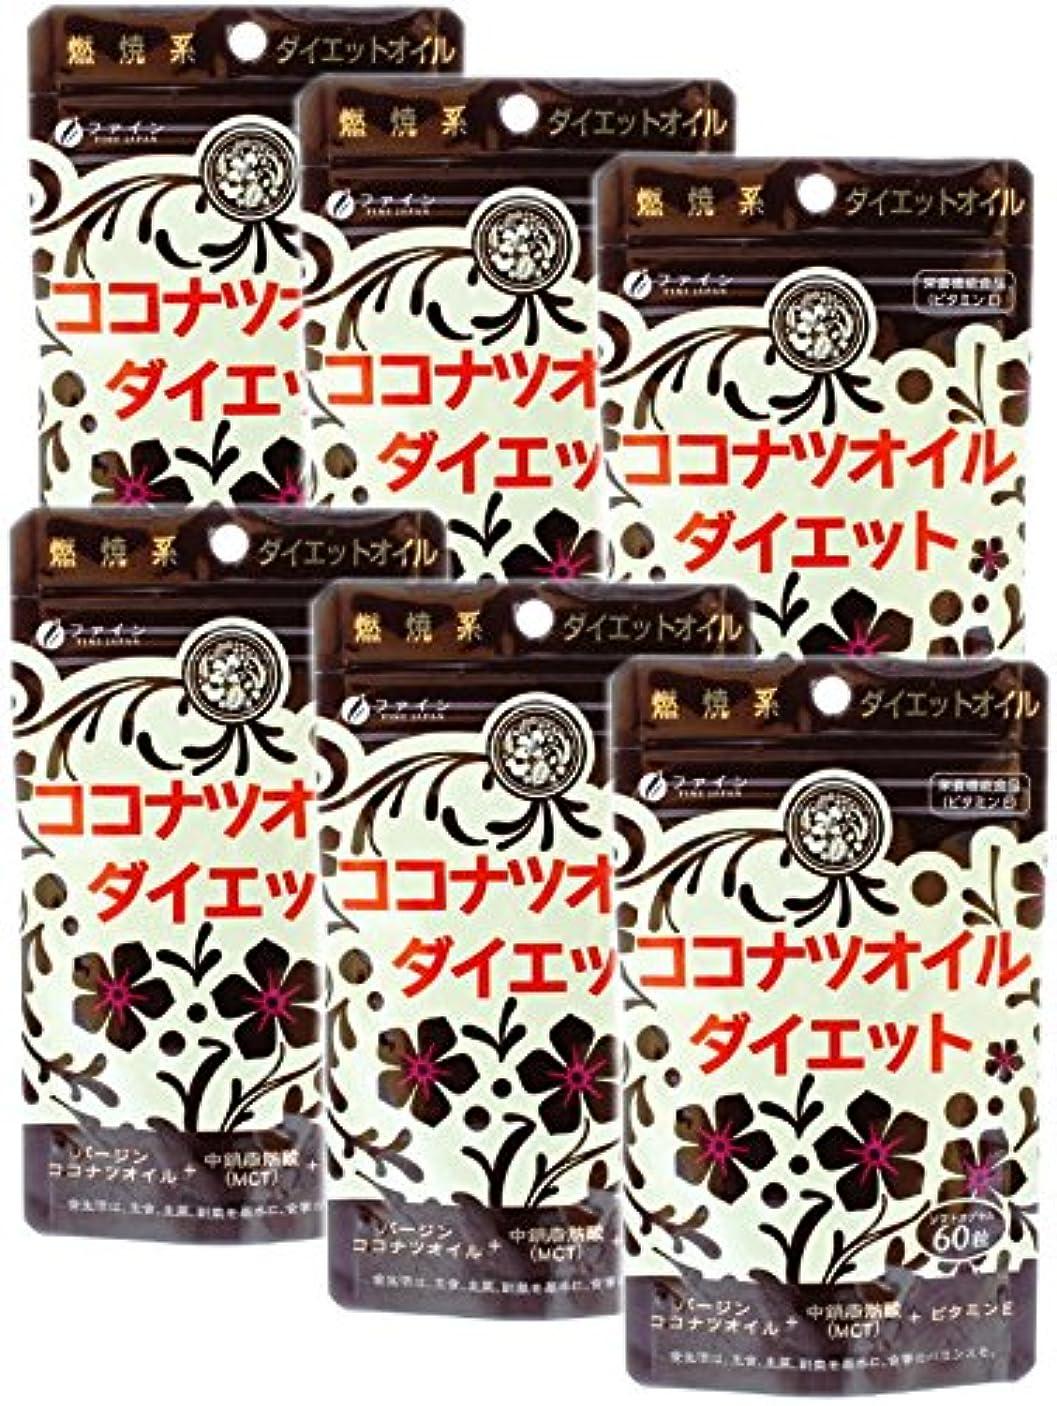 歯科医メモ香ばしいココナツオイルダイエット※韓国美人パック付特別セット★60粒×6袋セット(約4か月分)【T&H】